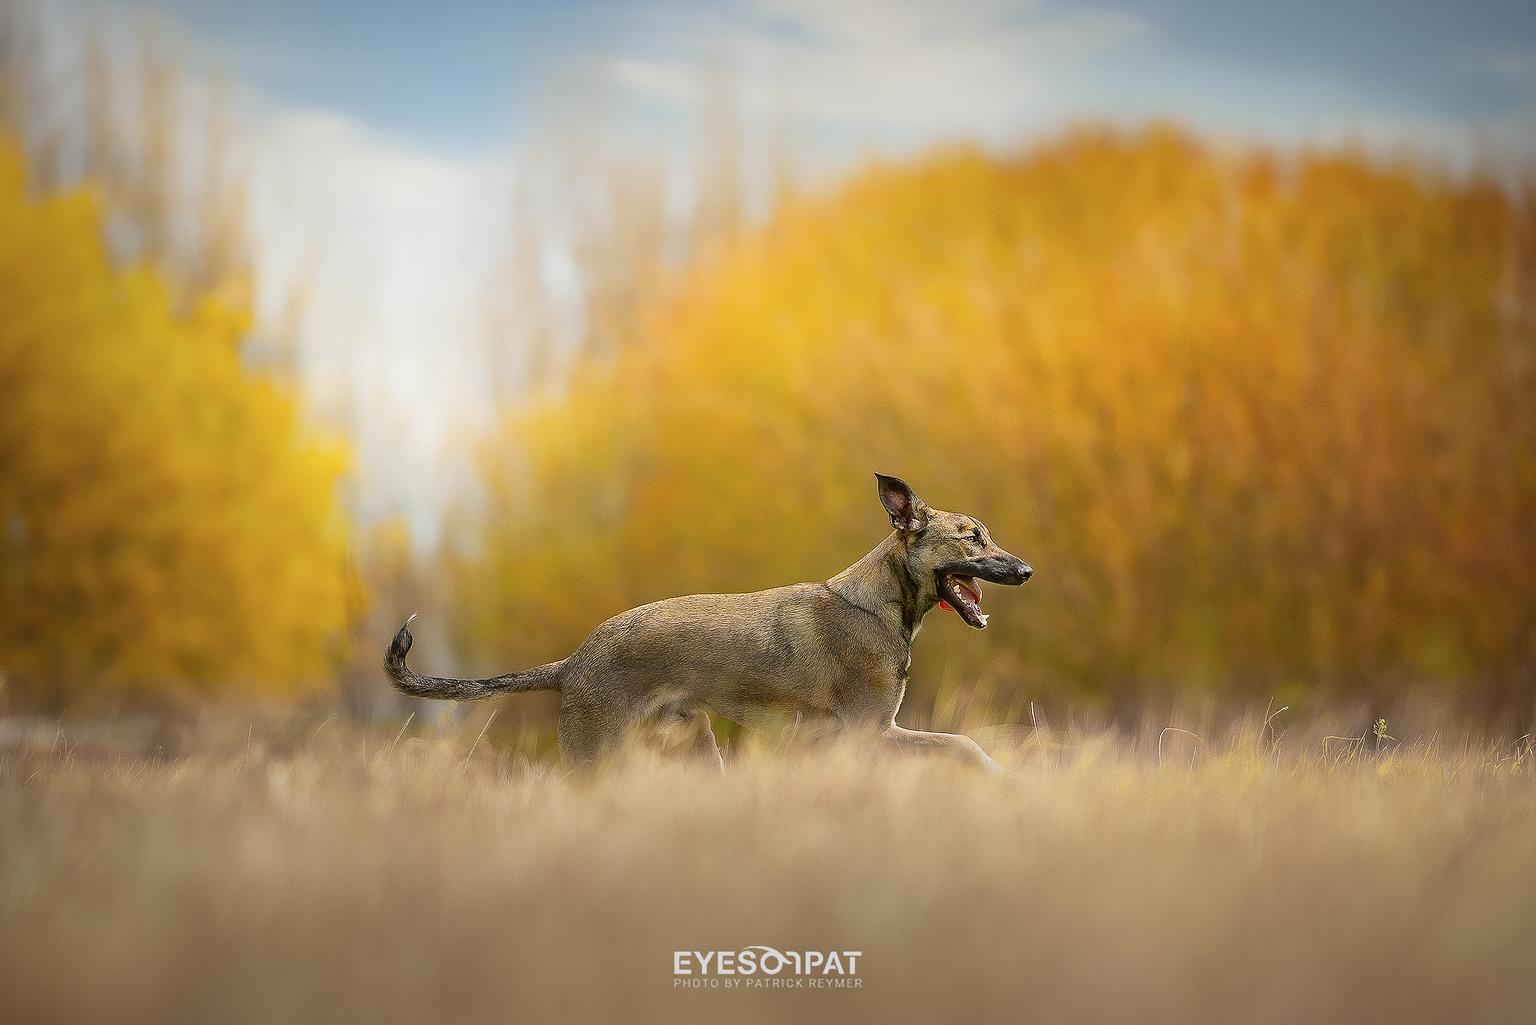 W O L F F E - Wolffe is een rescue dog uit Portugal, hij is nu 4 maanden bij ons. - foto door EyesOnPat op 30-04-2021 - deze foto bevat: honden, rescue, nikon, wolf, lente, hond, lucht, natuurlijk landschap, carnivoor, hond, wolk, zonlicht, hondenras, gras, fawn, ochtend